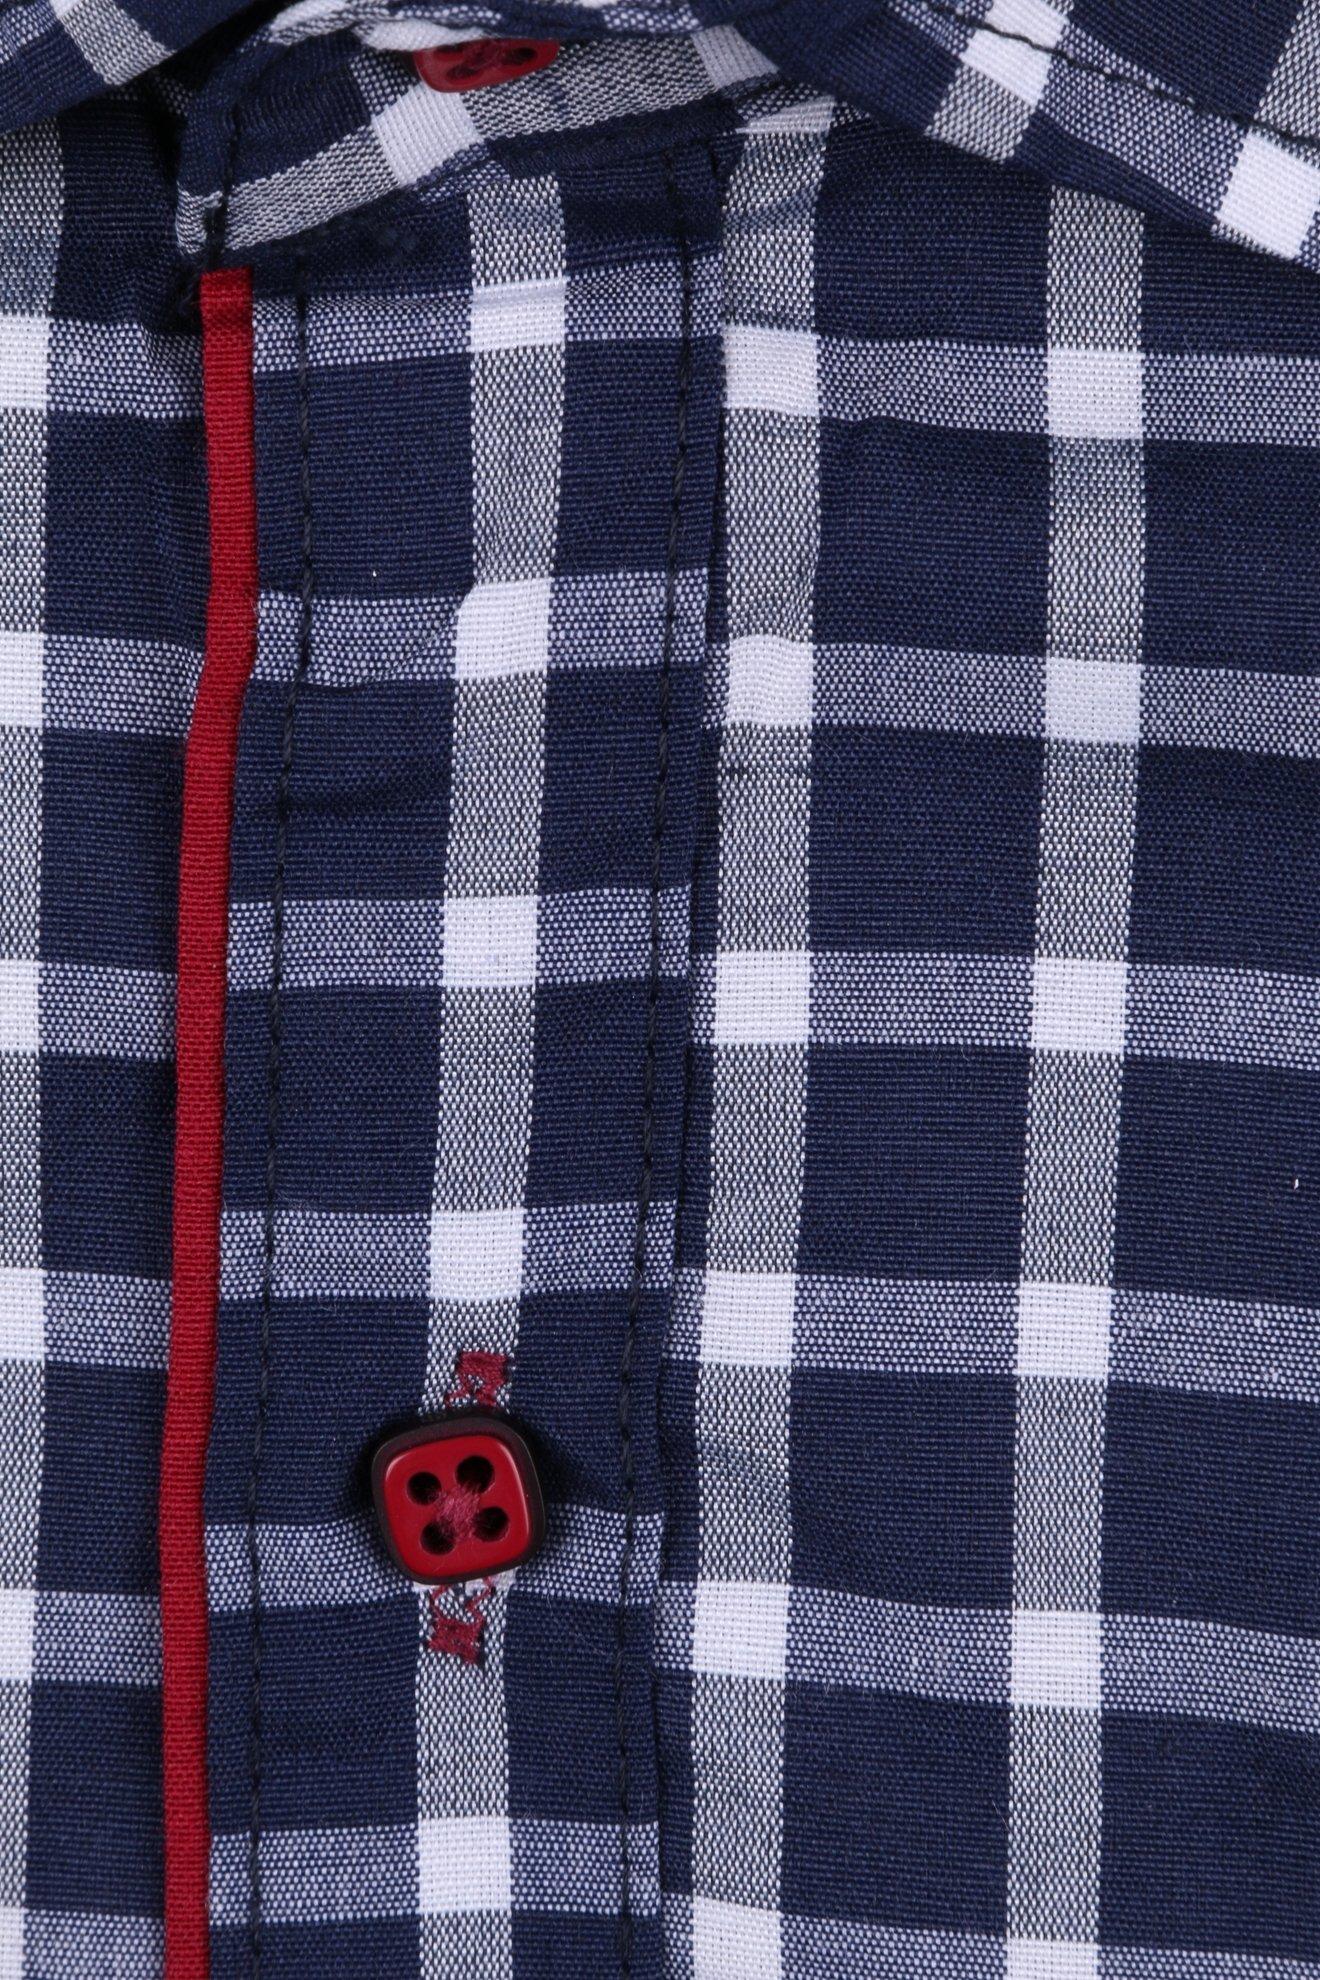 Темно-синяя детская рубашка в клетку, длинный рукав (Арт. TB 2616)